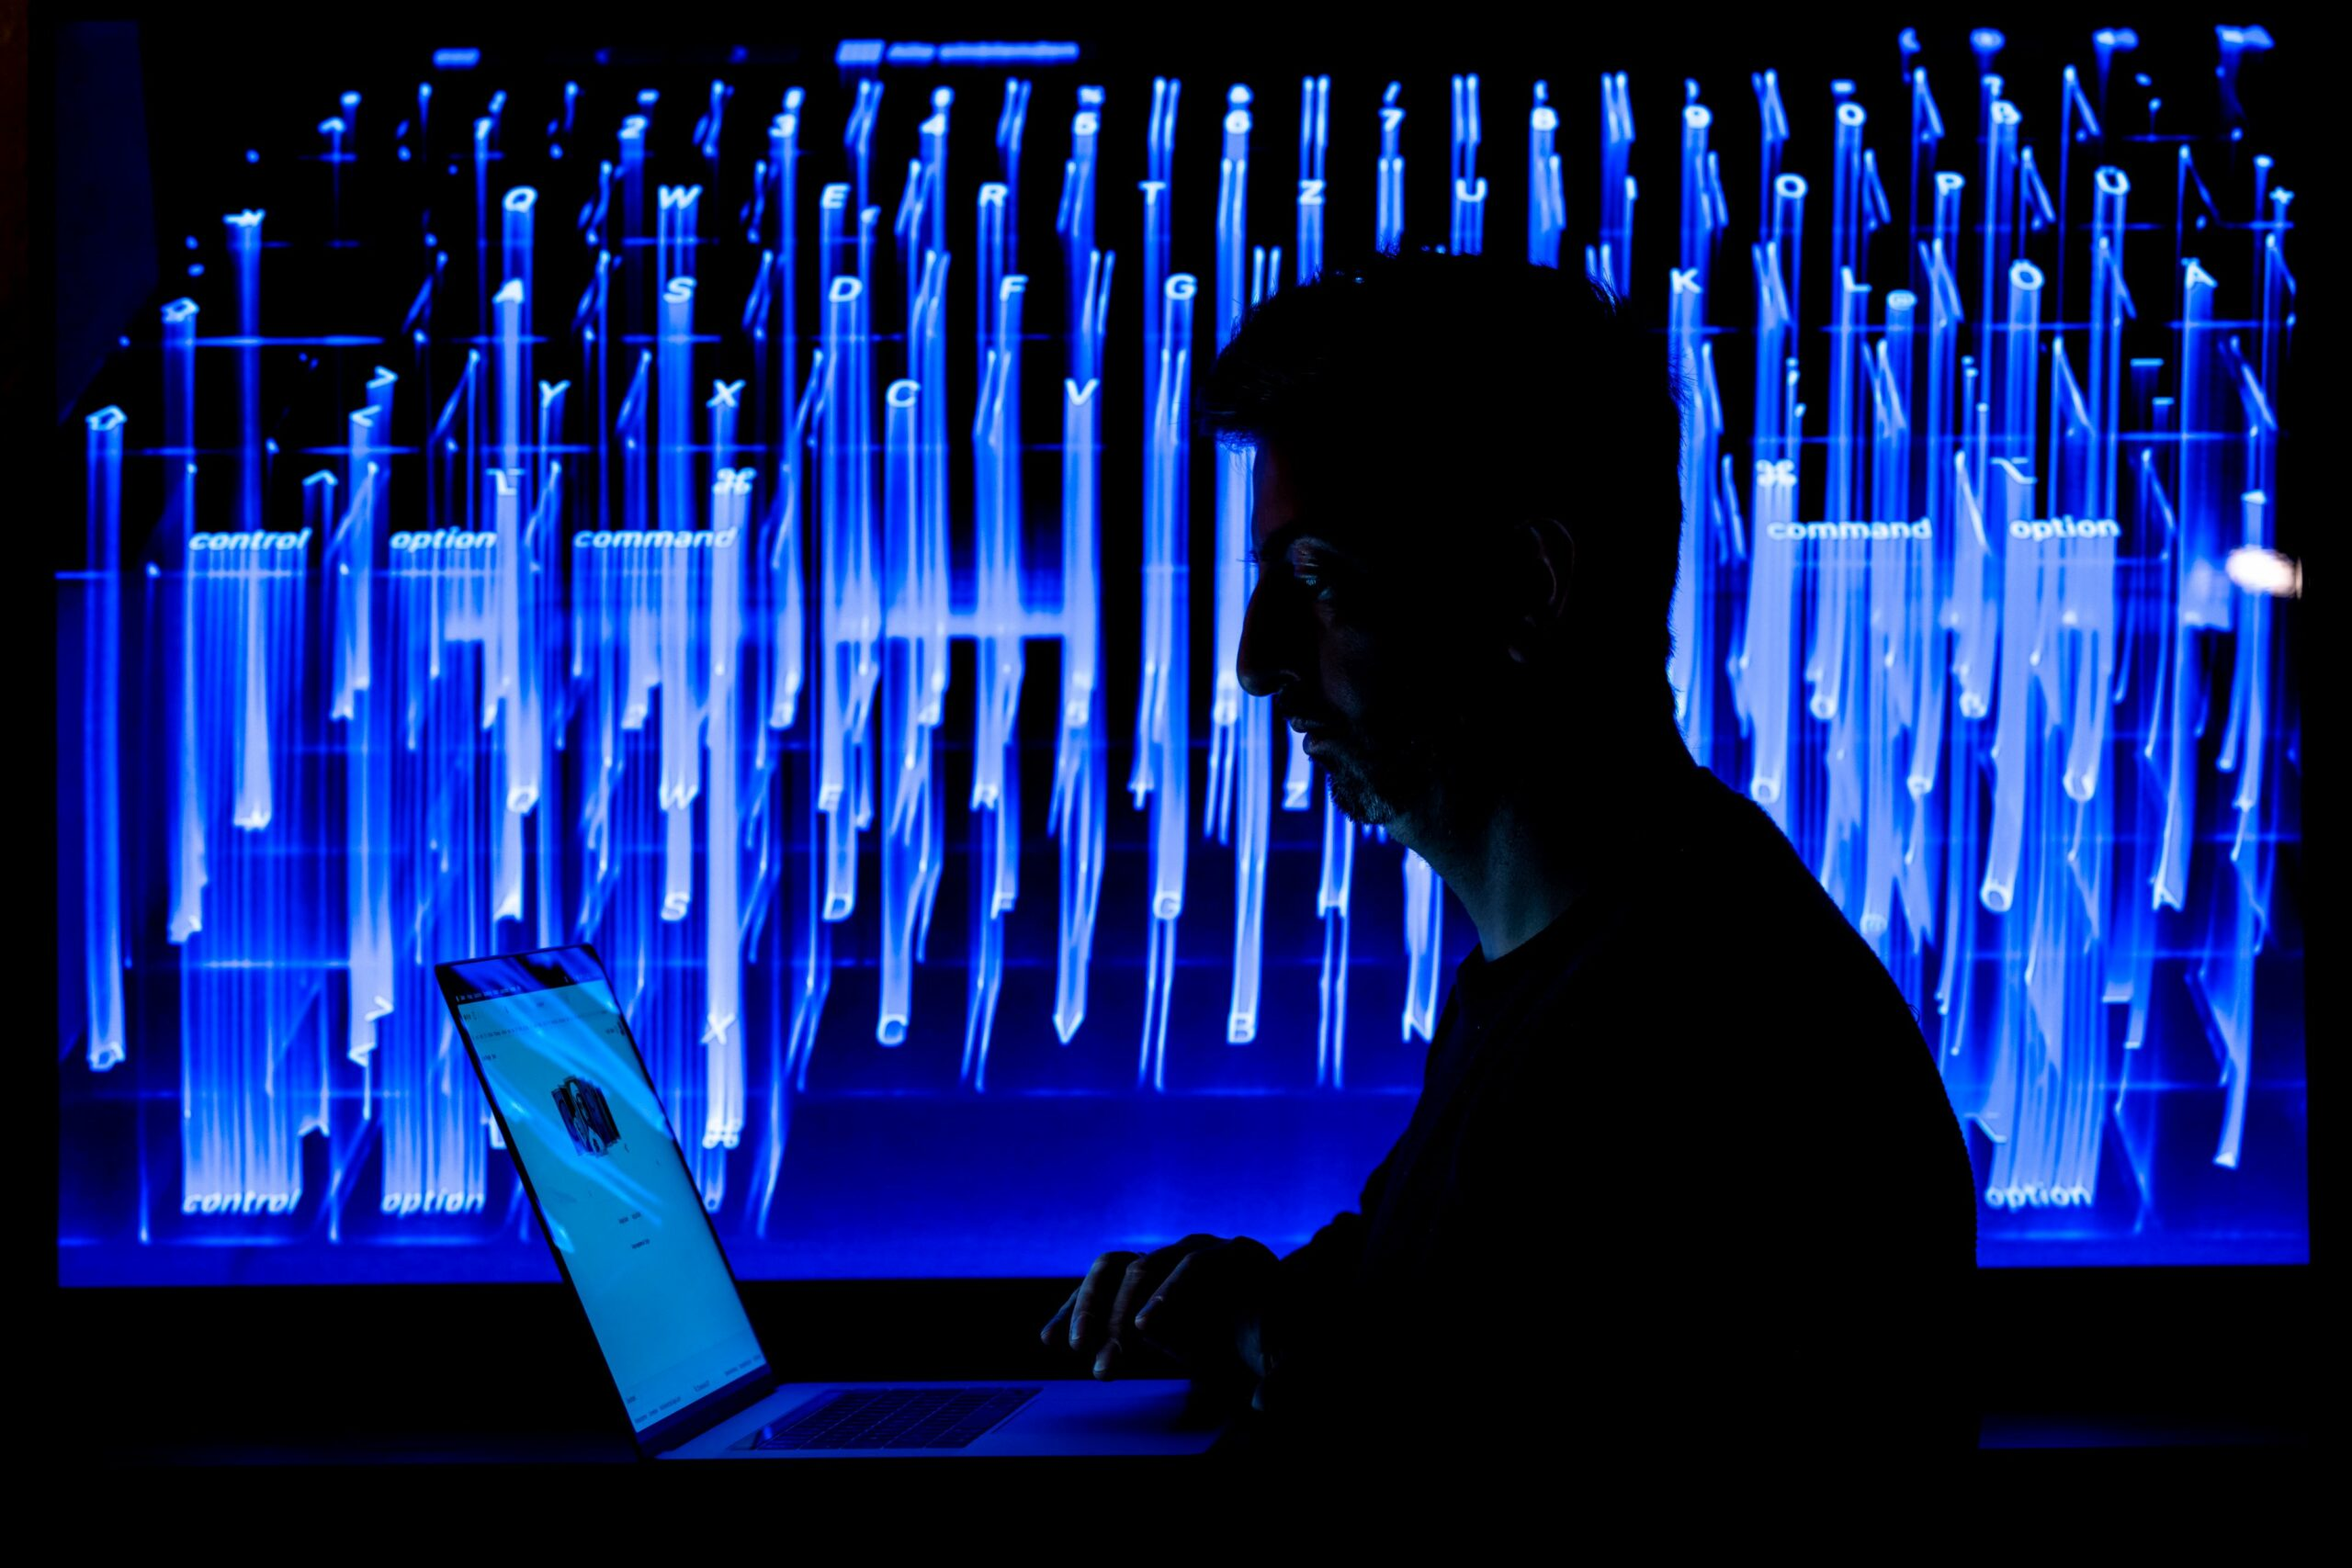 Hass und Hetze im Netz (Symboldbild), Foto: Mohssen Assanimoghaddam/WEISSER RING